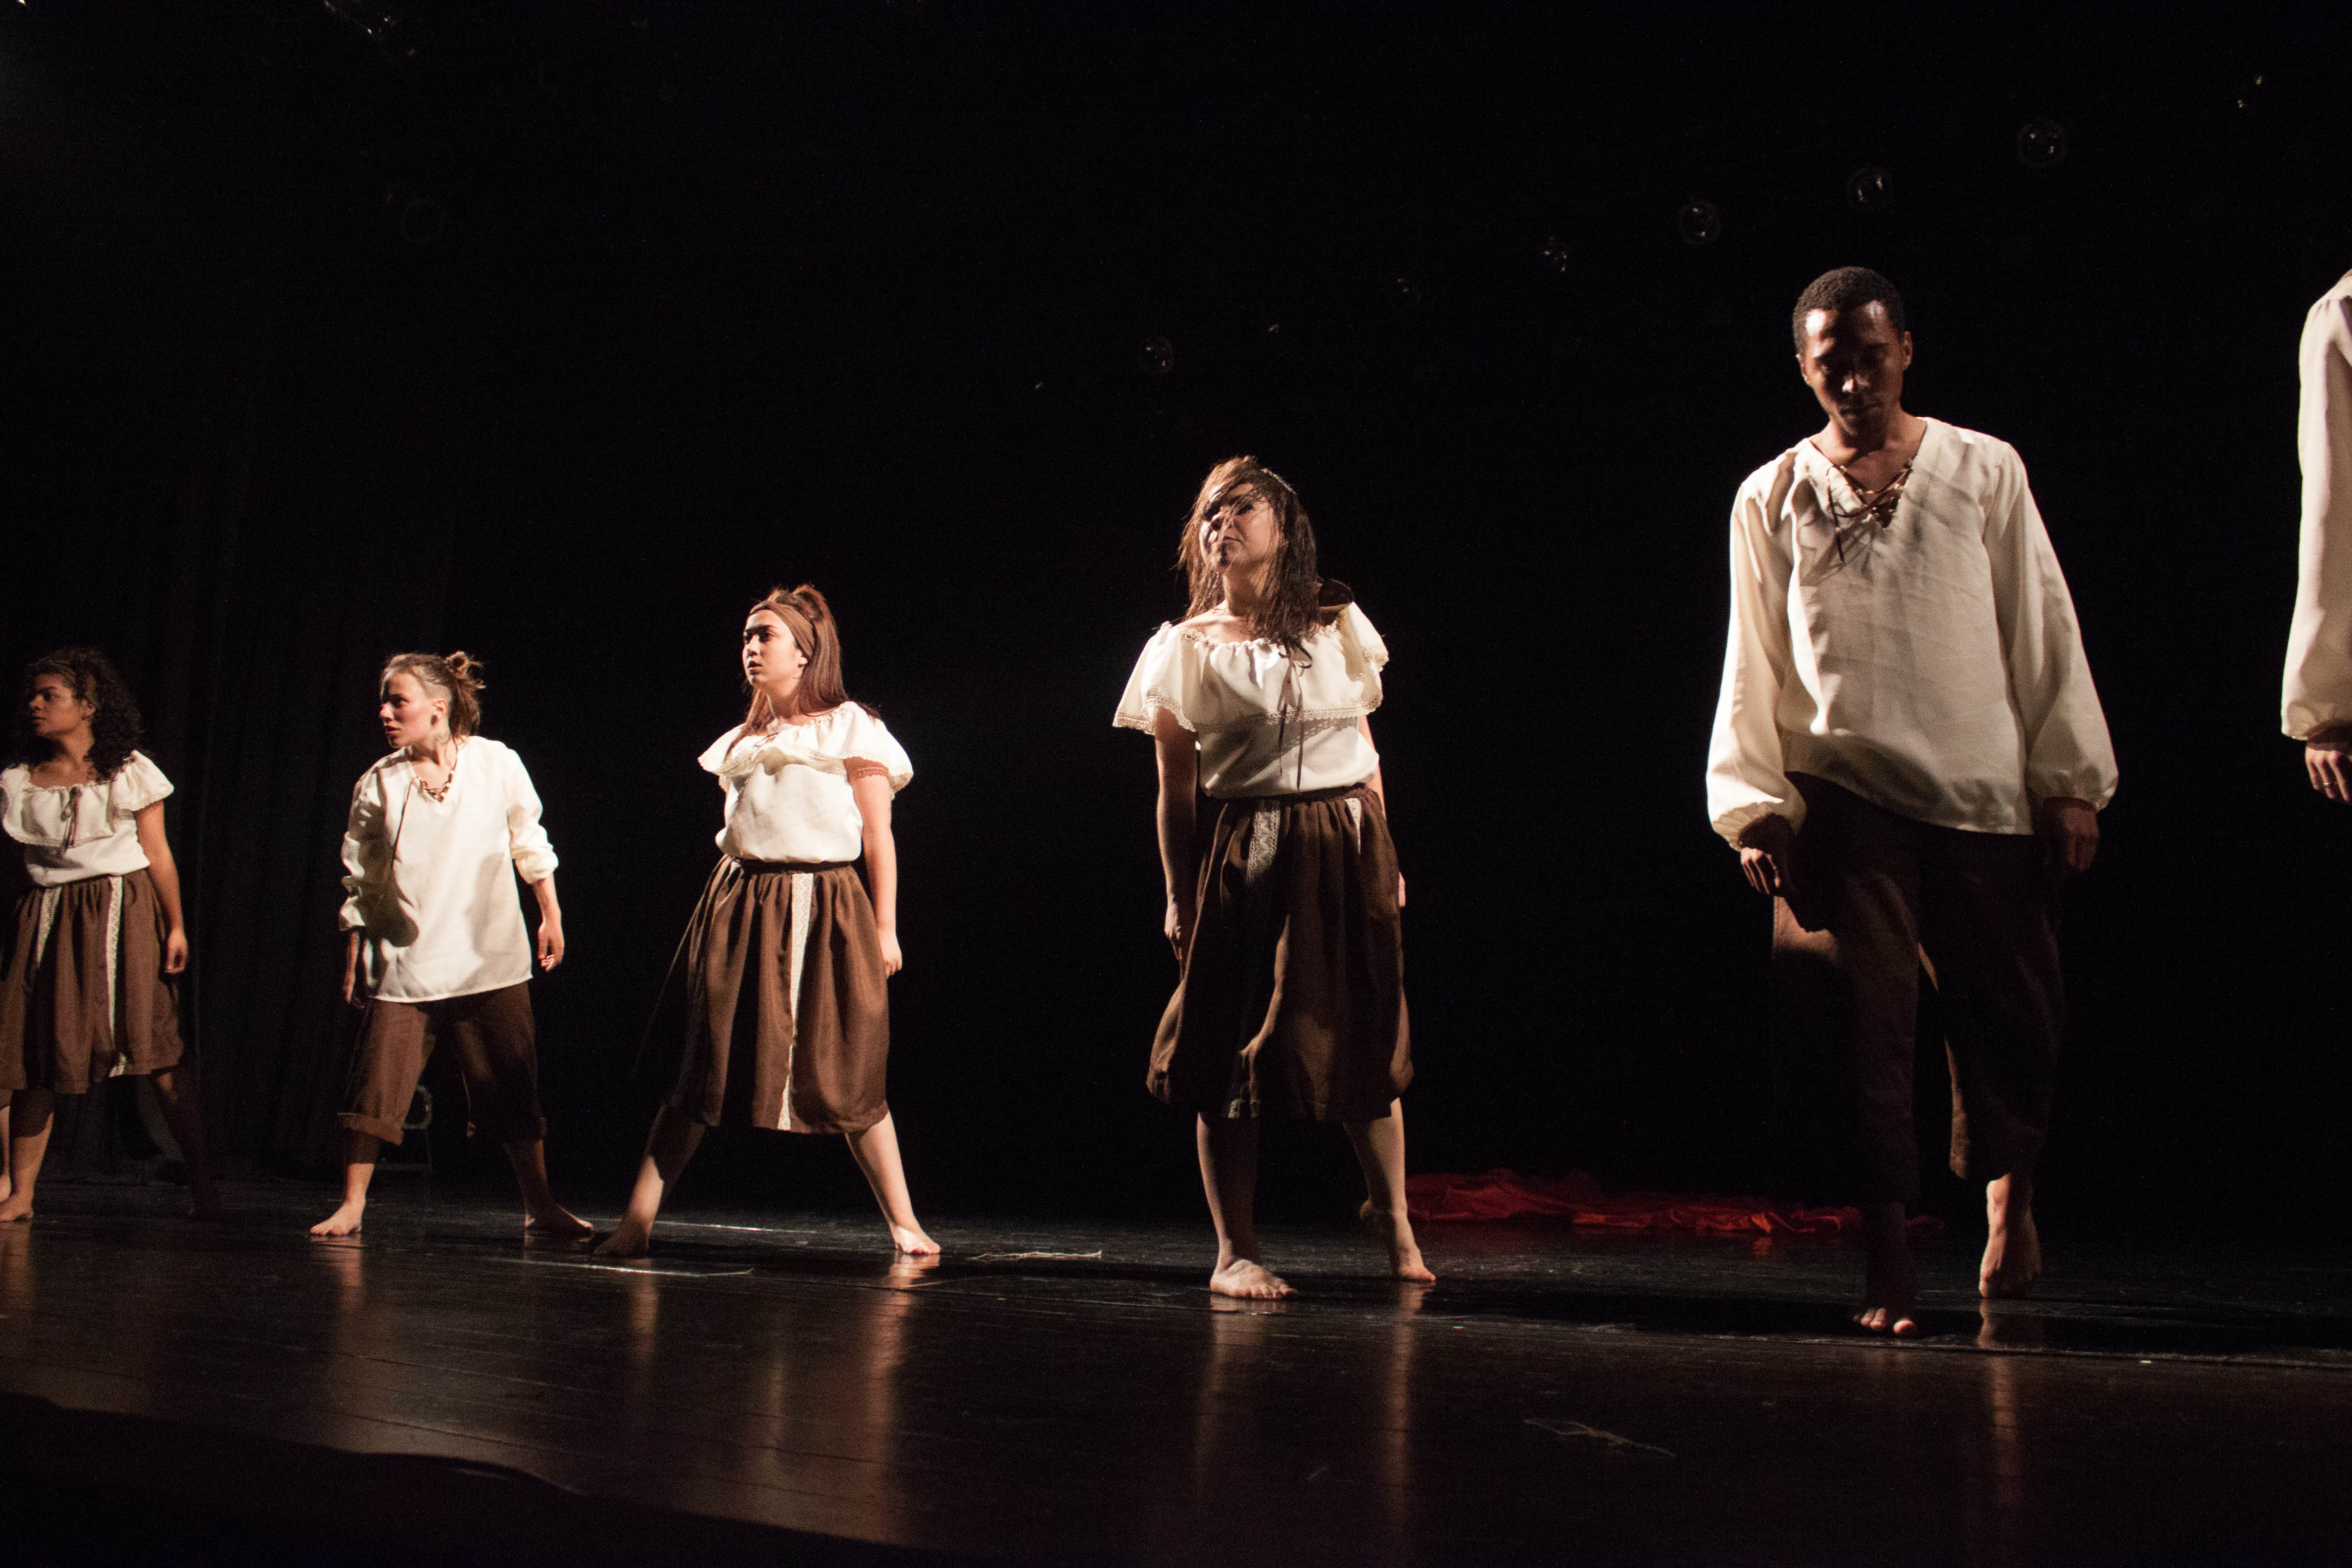 Jopef Dance Festival